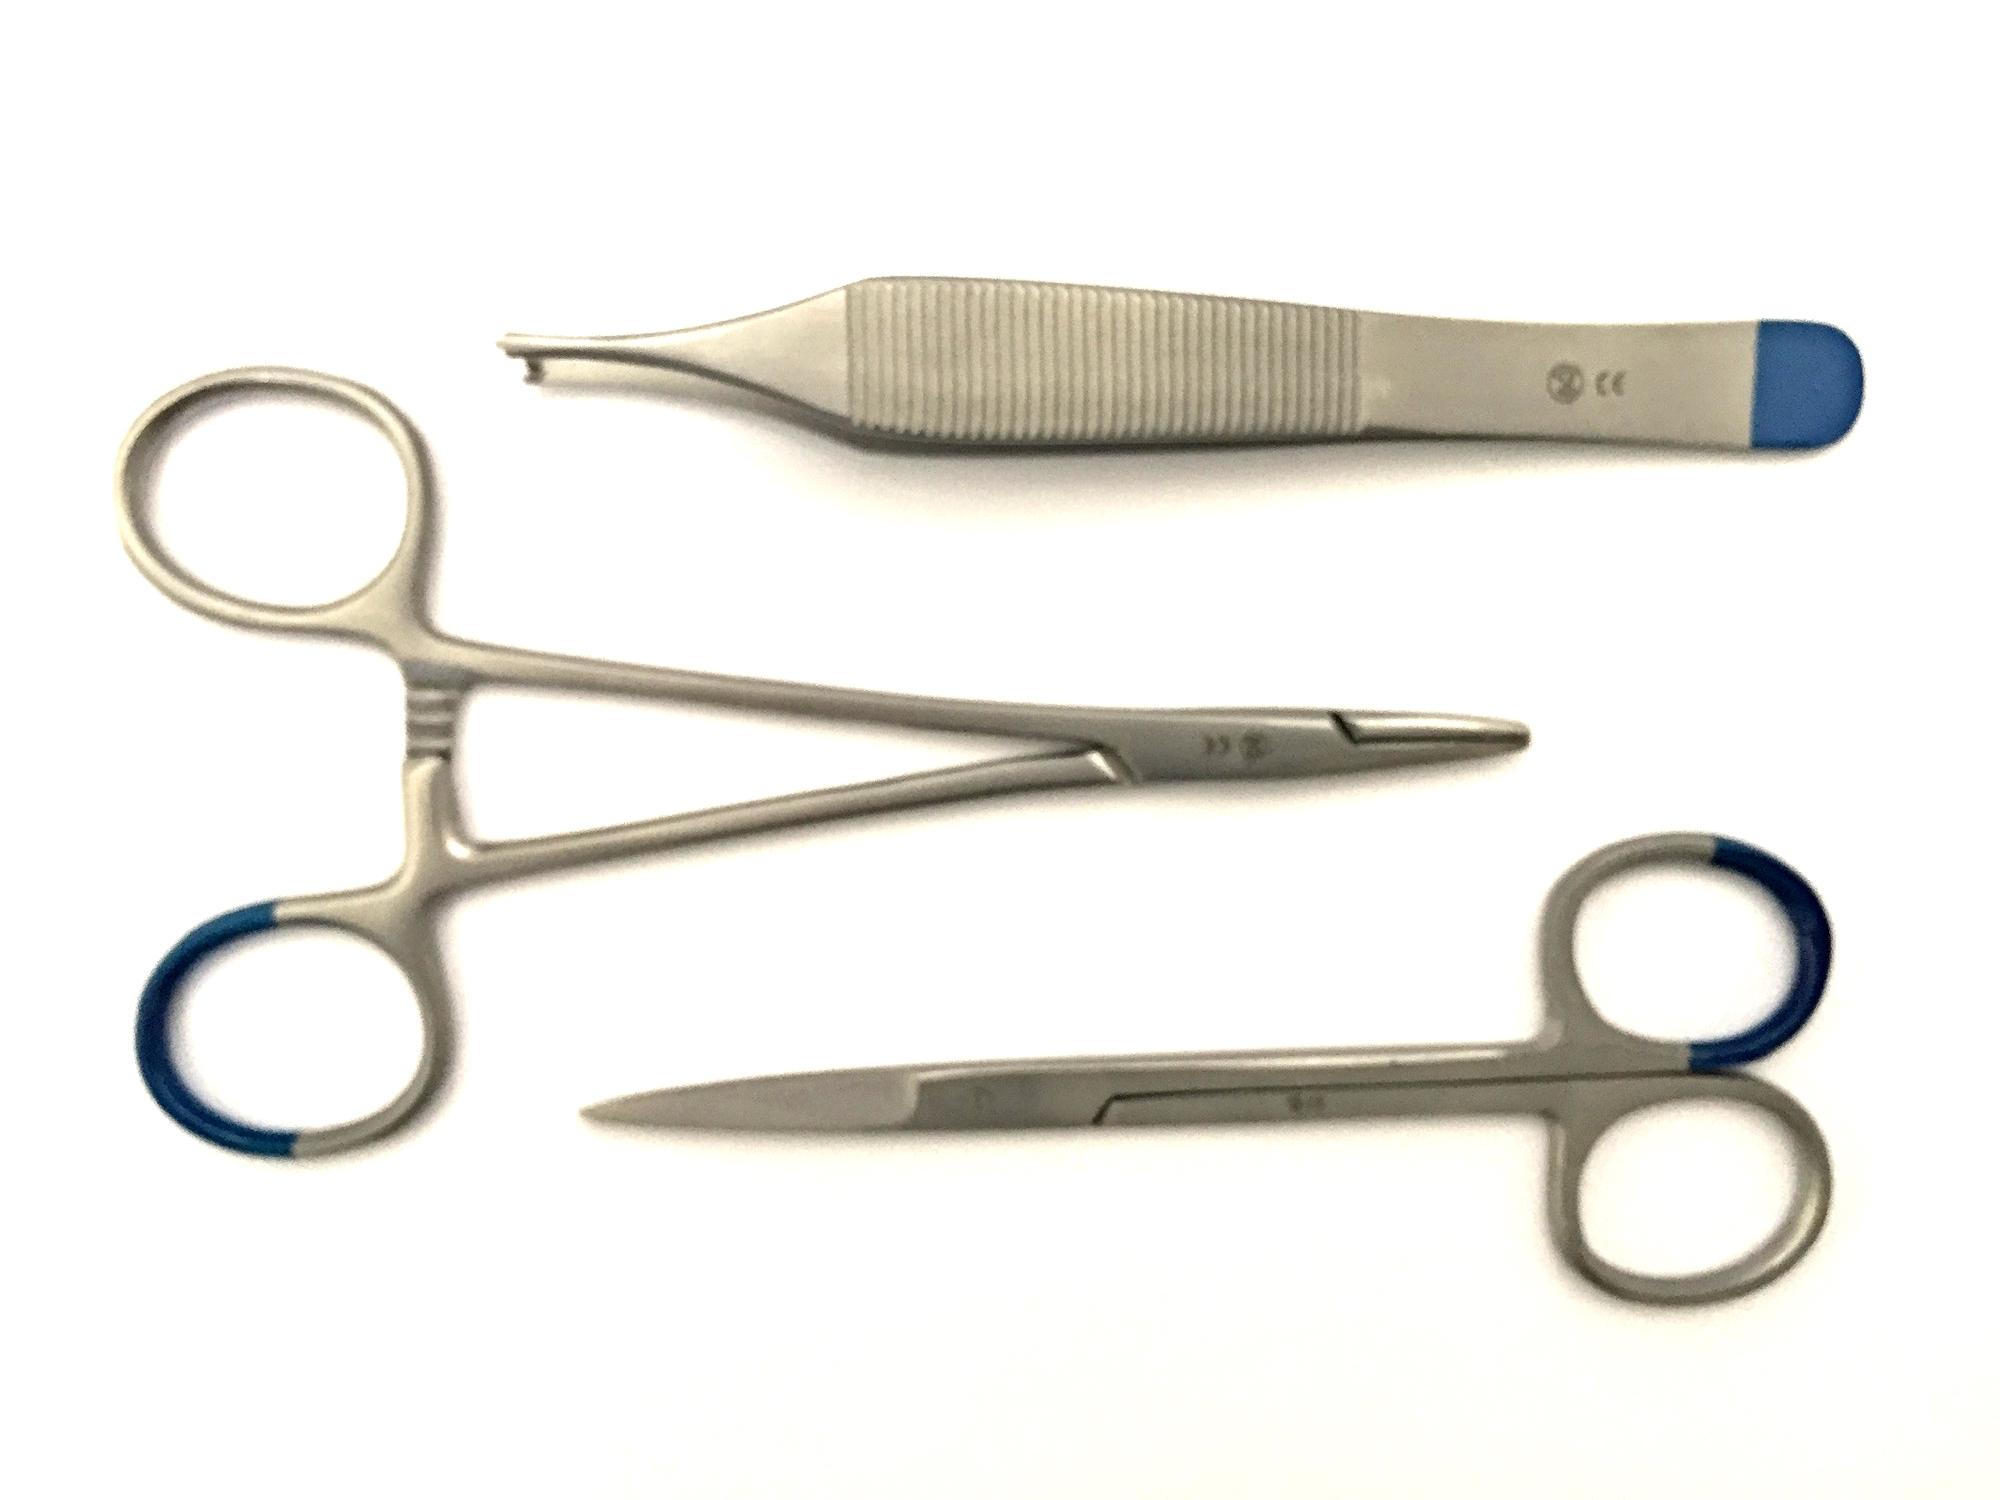 Disposable hechtset SEH fijn   1 Adson chirurgische pincet 1 x 2 tanden 12cm  1 Iris & ligatuur schaar 11cm  1 Halsey naaldvoer gladde bek  1 Hardblister